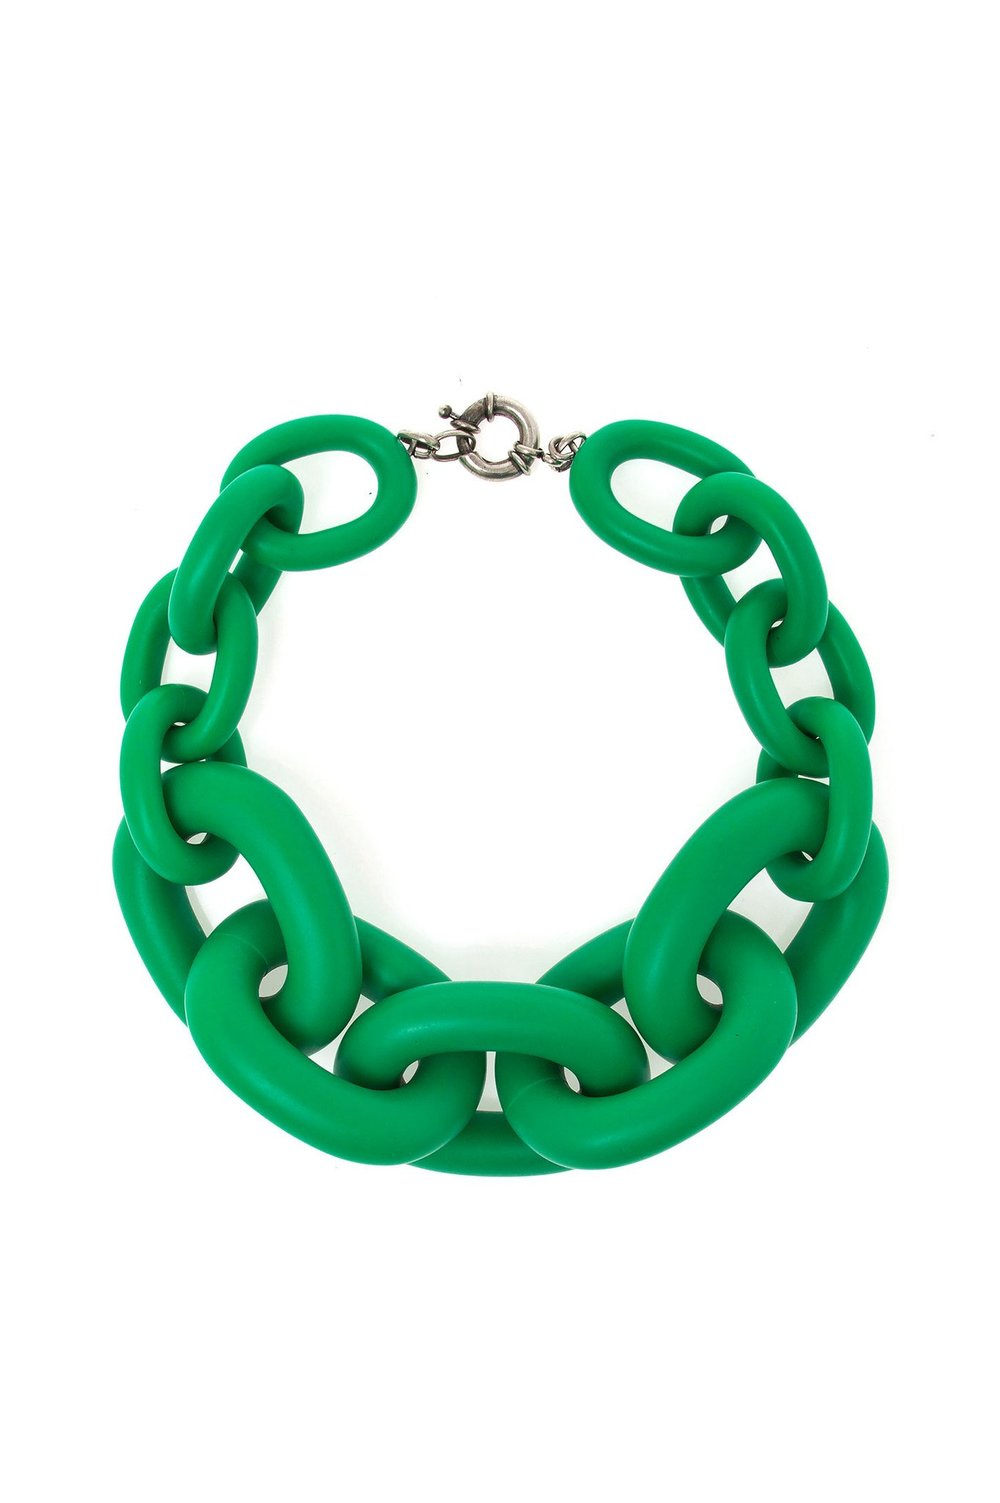 vandajacintho_s17_still_necklace10_1450x2178@2x.jpg